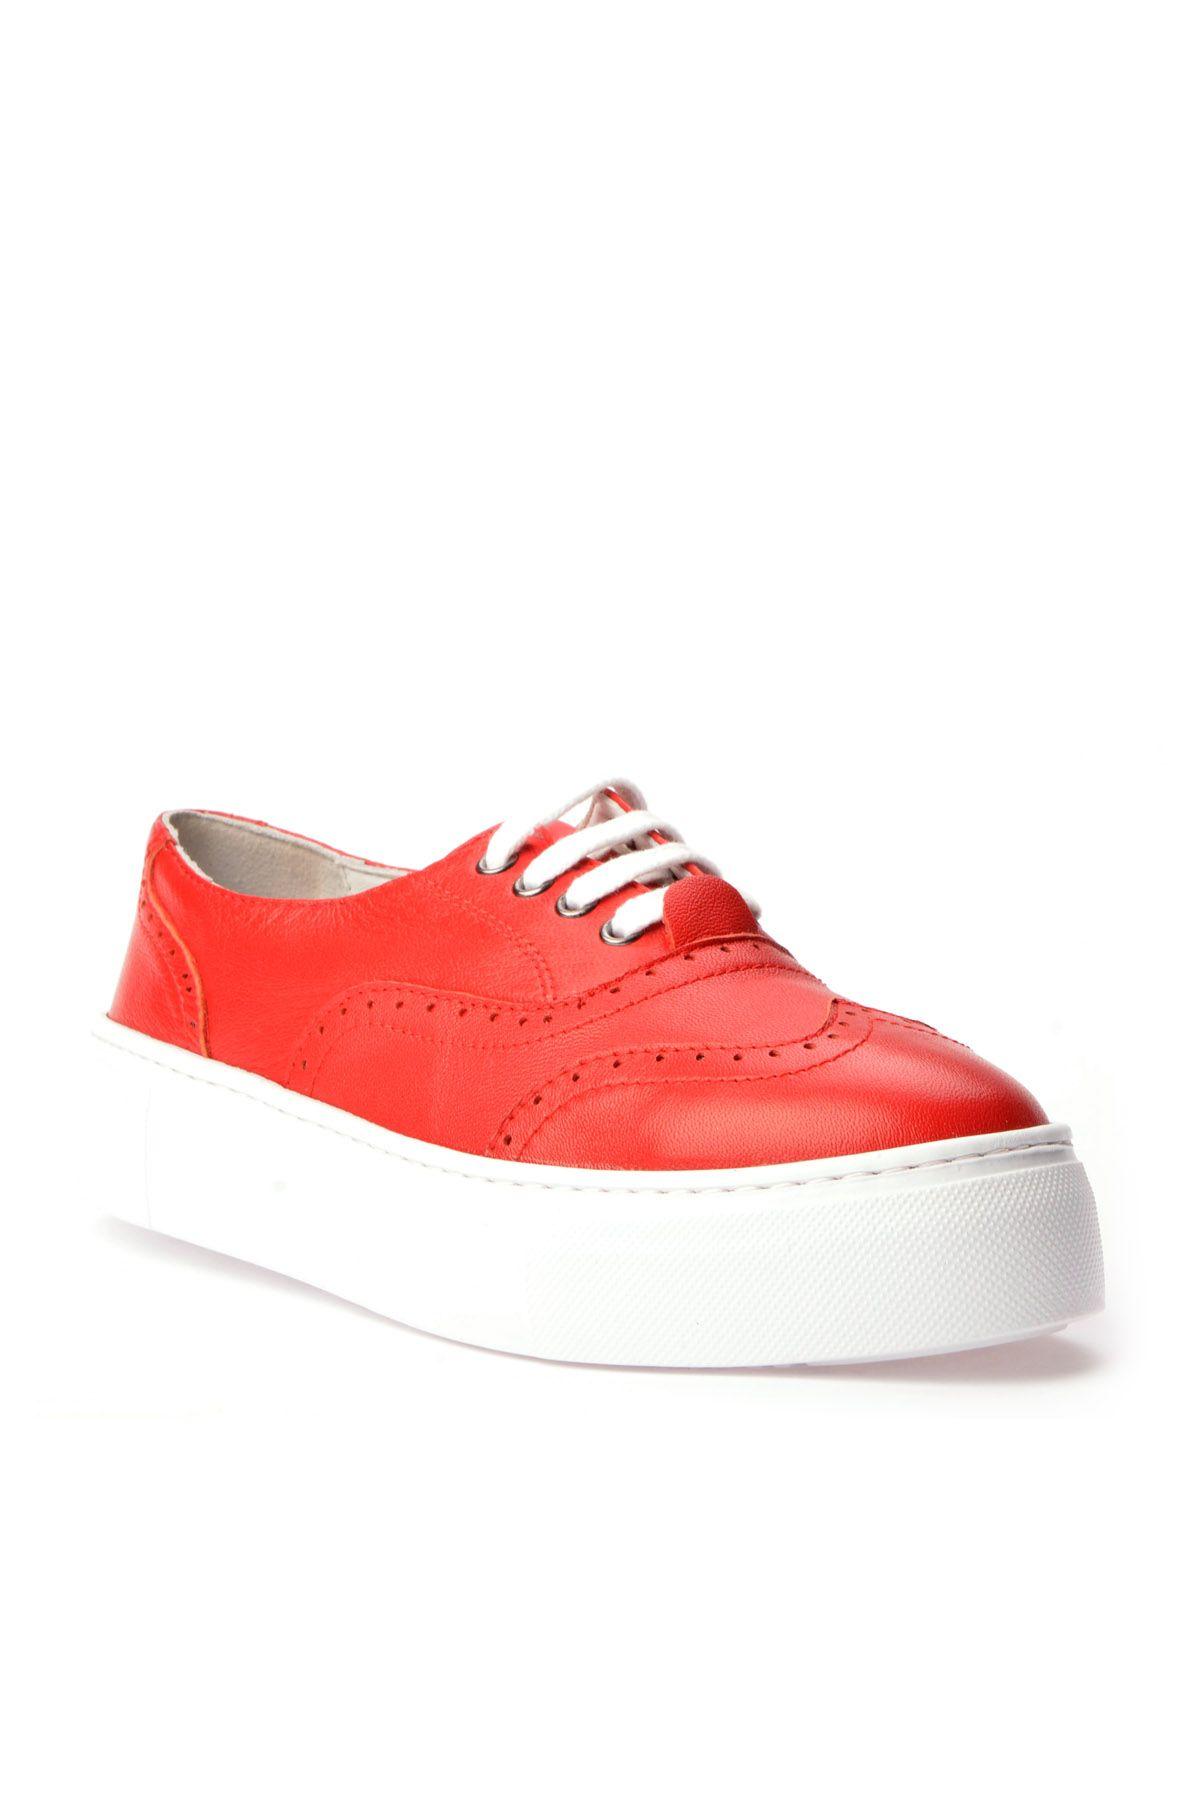 Pegia Chatalet Hakiki Deri Bayan Oxford Ayakkabı REC-014 Kırmızı